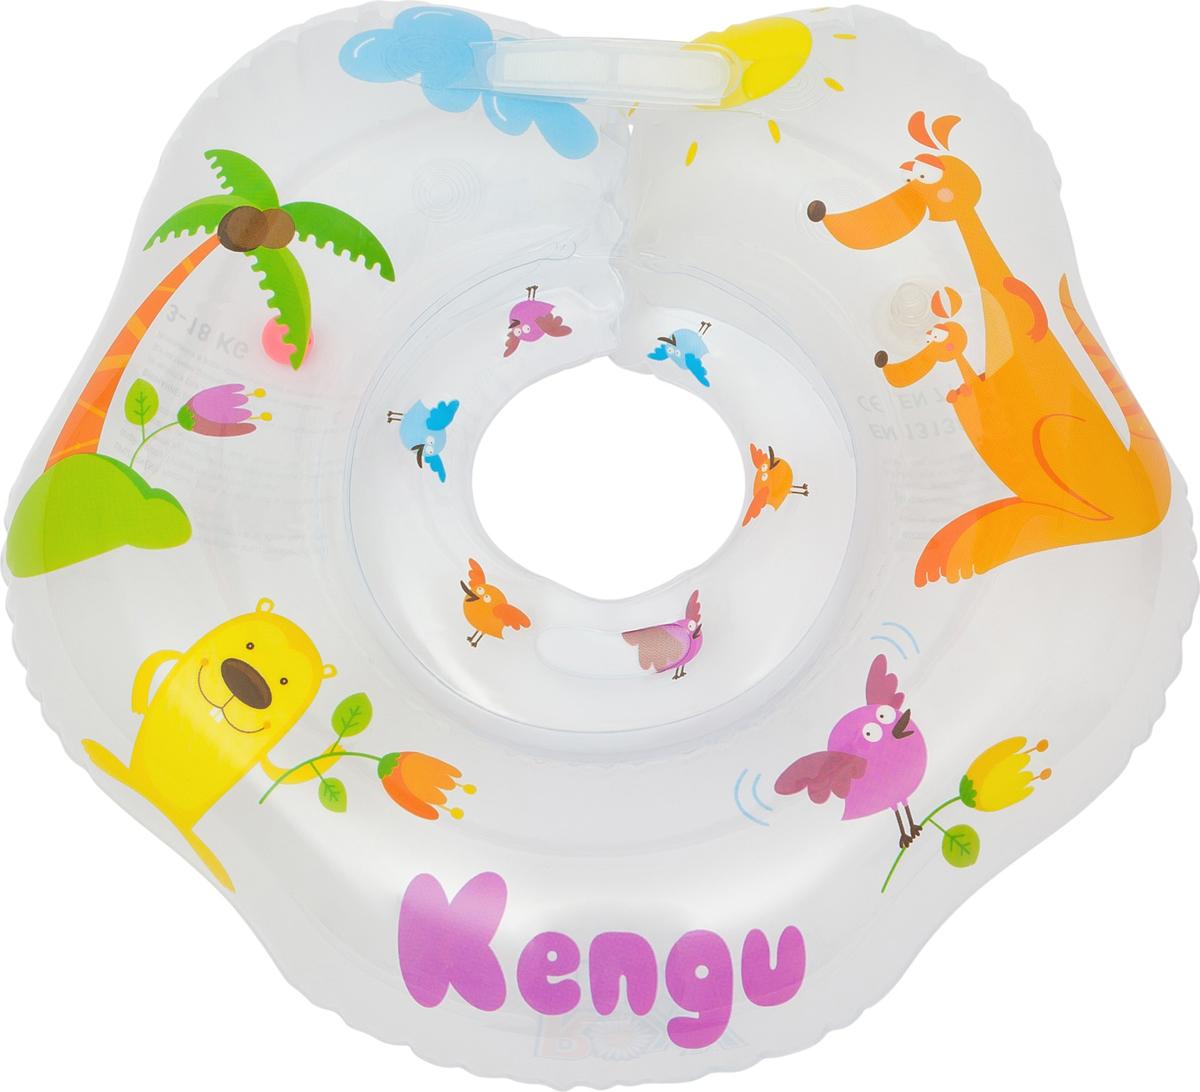 Roxy-kids Круг для купания Kengu круг для купания roxy kids flipper рыцарь fl006